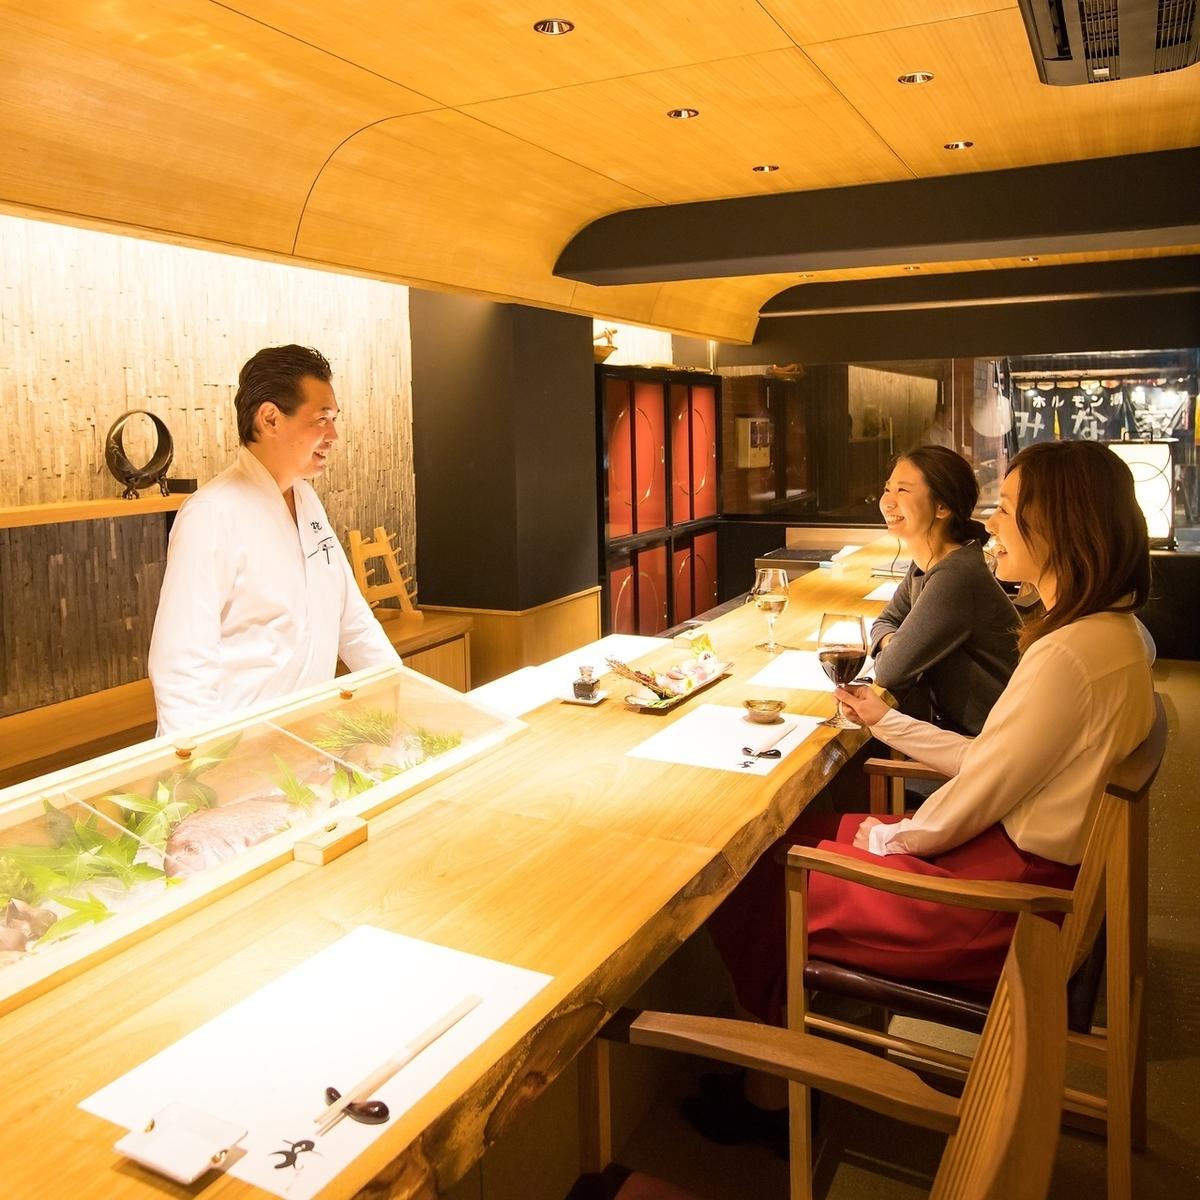 カウンターもゆったり座れて隣を気にしない。目の前で板前さんが捌く鮮魚を日本酒と一緒に嗜む。